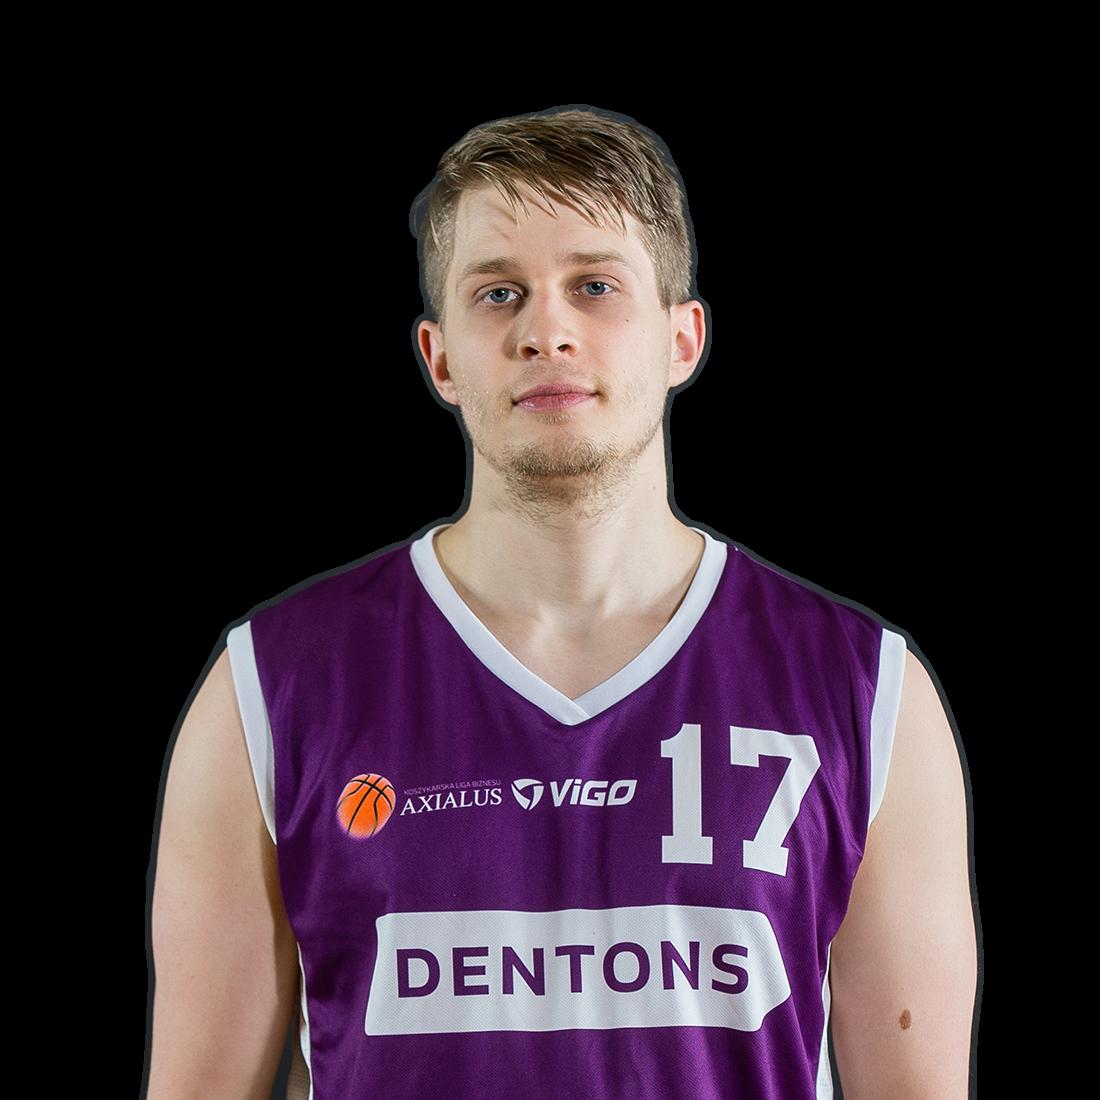 Rafał Wierzba